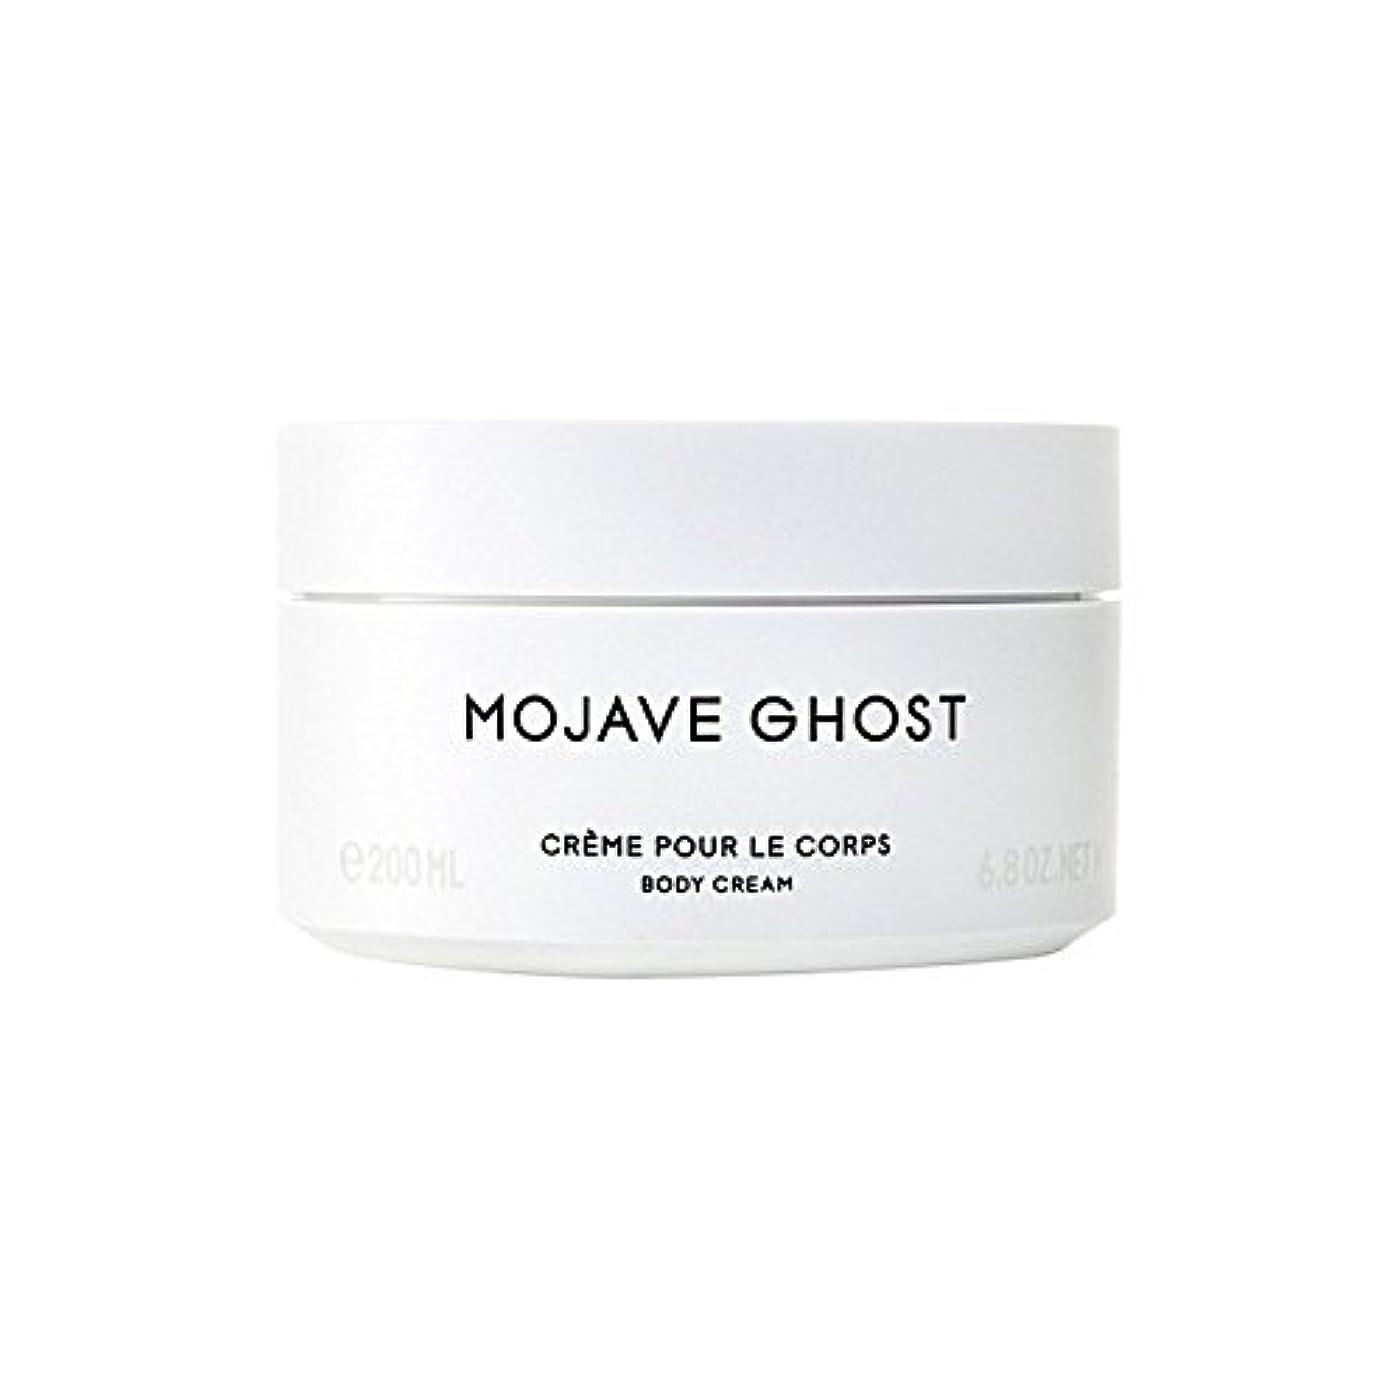 想像力豊かな硬化する中にByredo Mojave Ghost Body Cream 200ml (Pack of 6) - モハーベゴーストボディクリーム200ミリリットル x6 [並行輸入品]